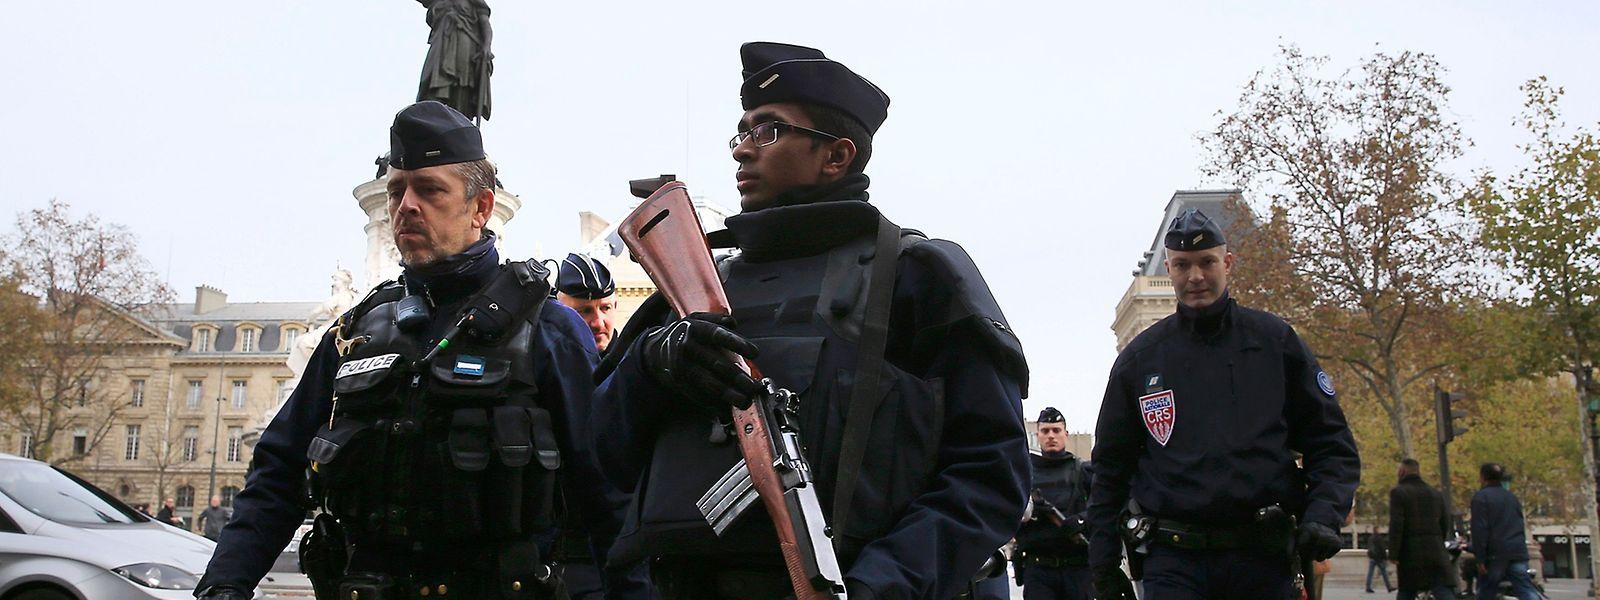 Une patrouille de police place de la République à Paris, samedi matin.